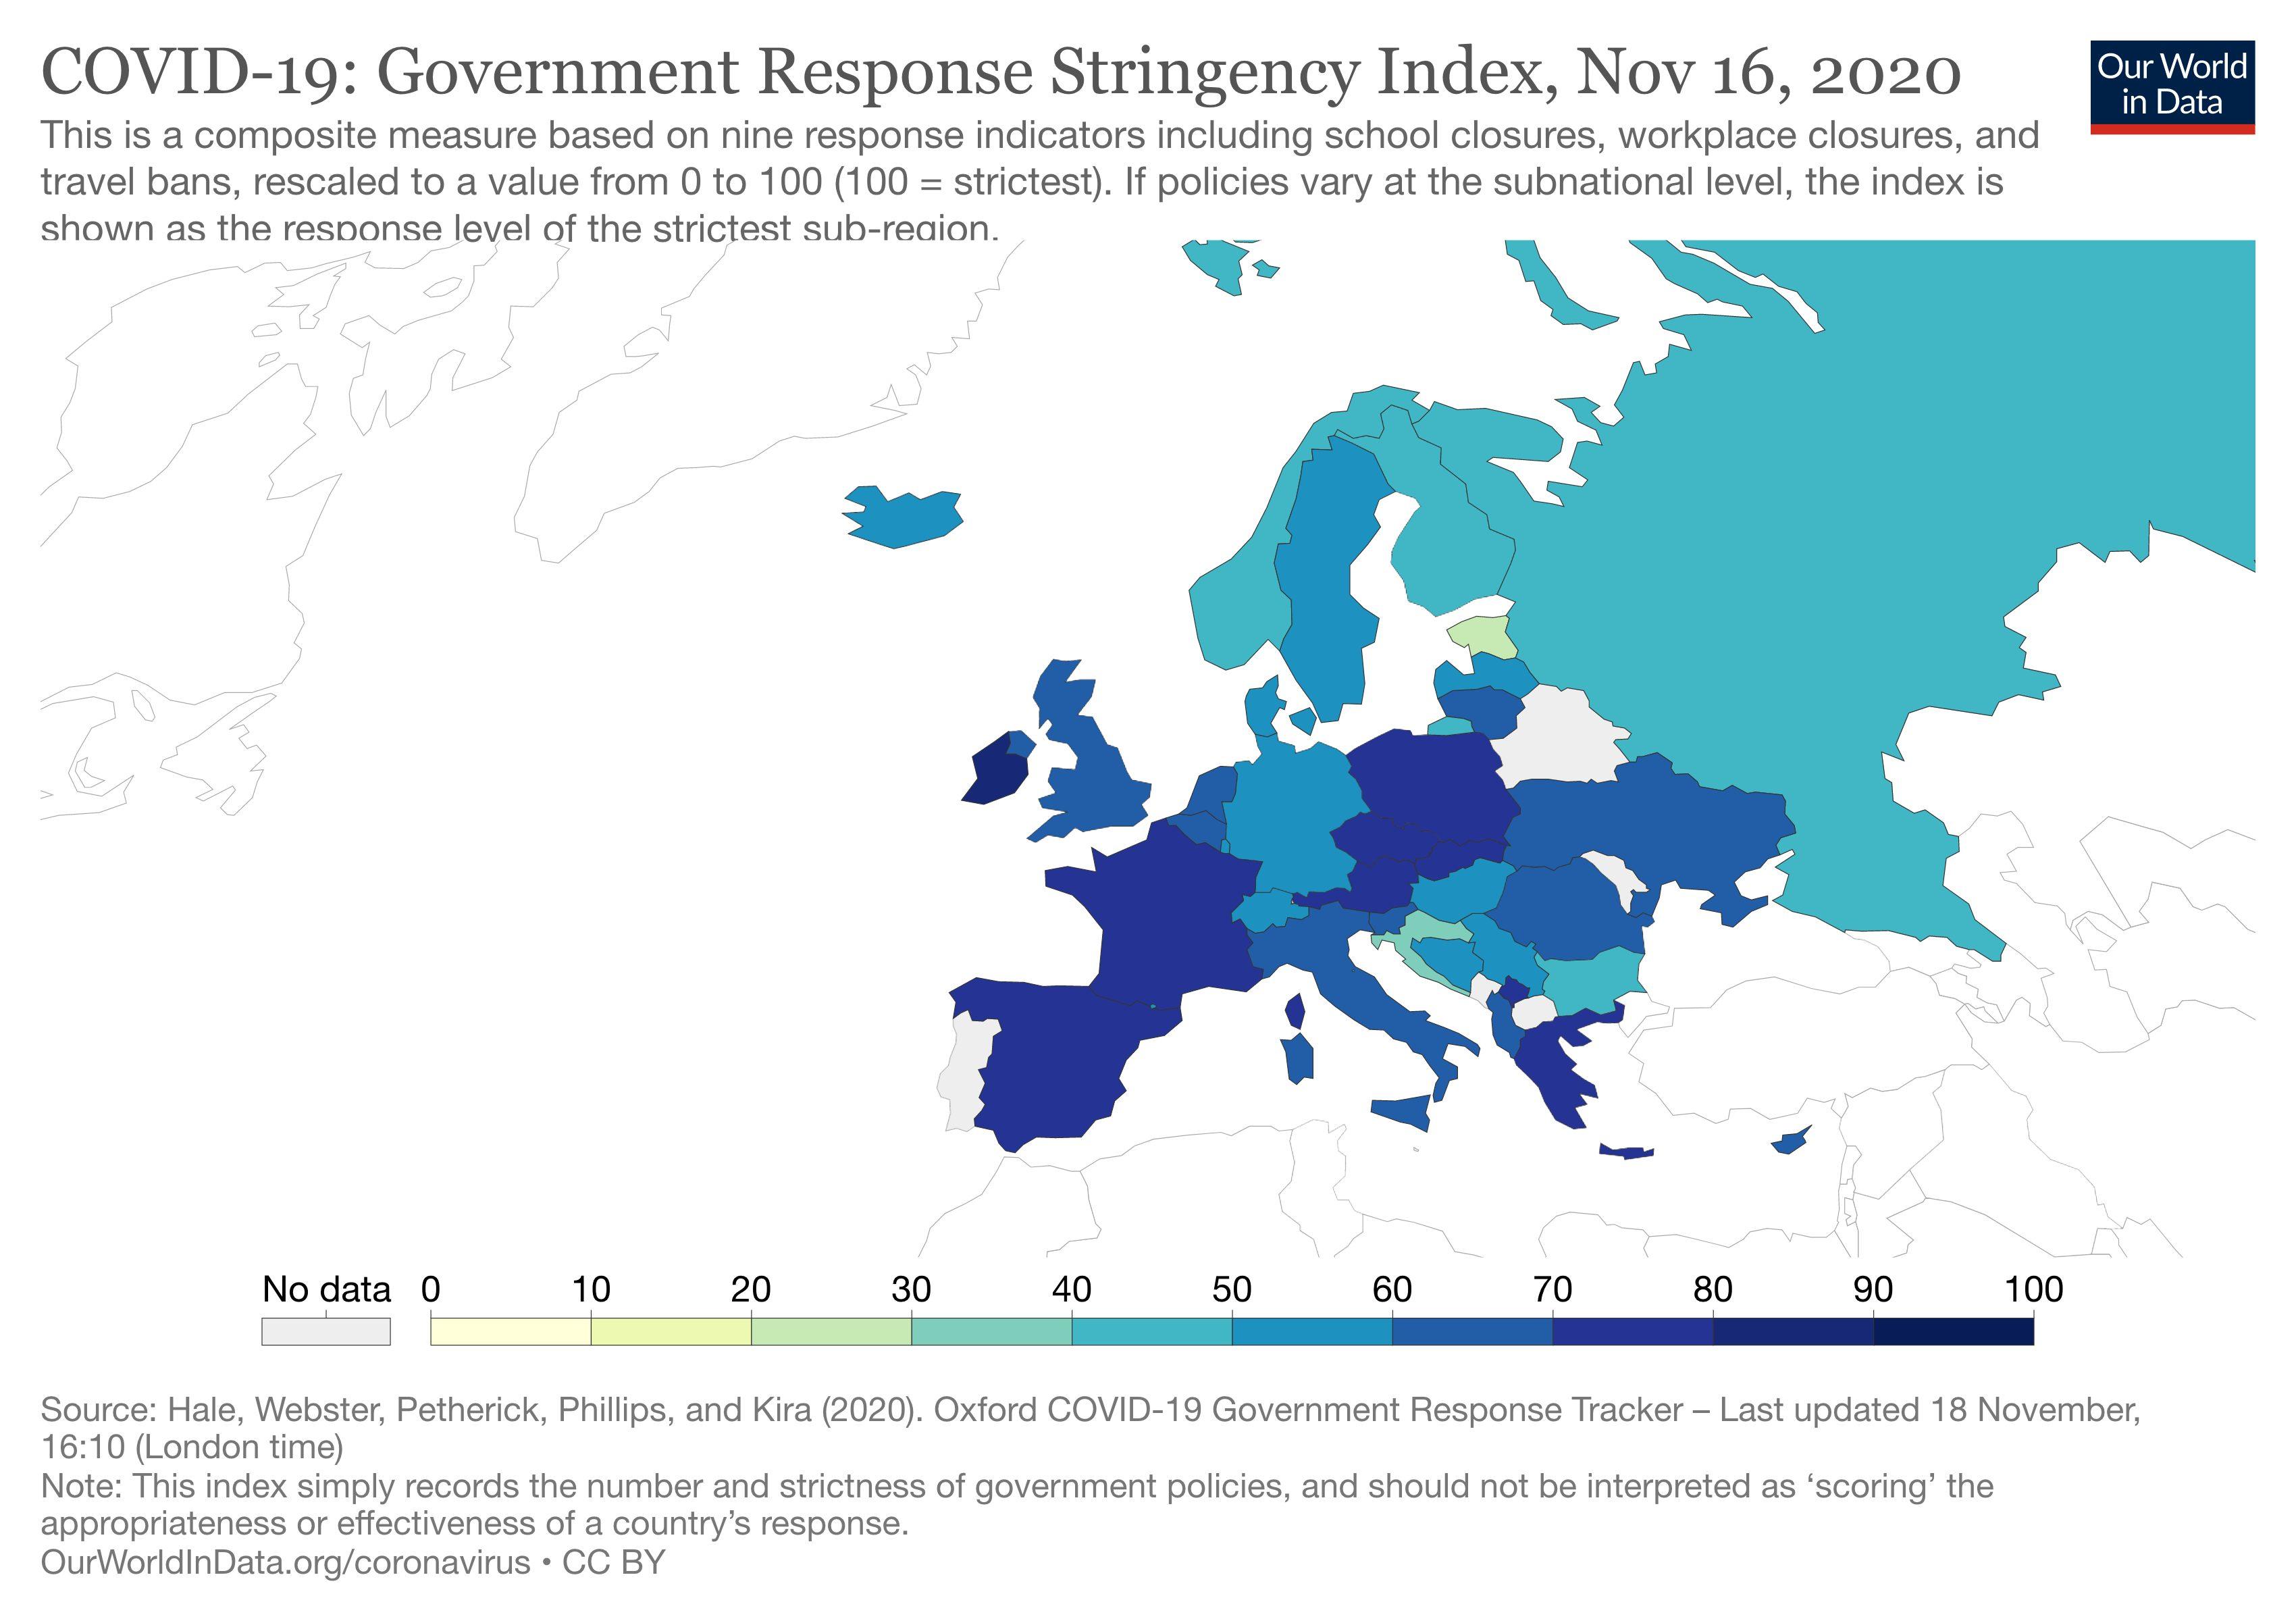 България е сред страните с най-слаби мерки срещу COVID-19 (Графика)